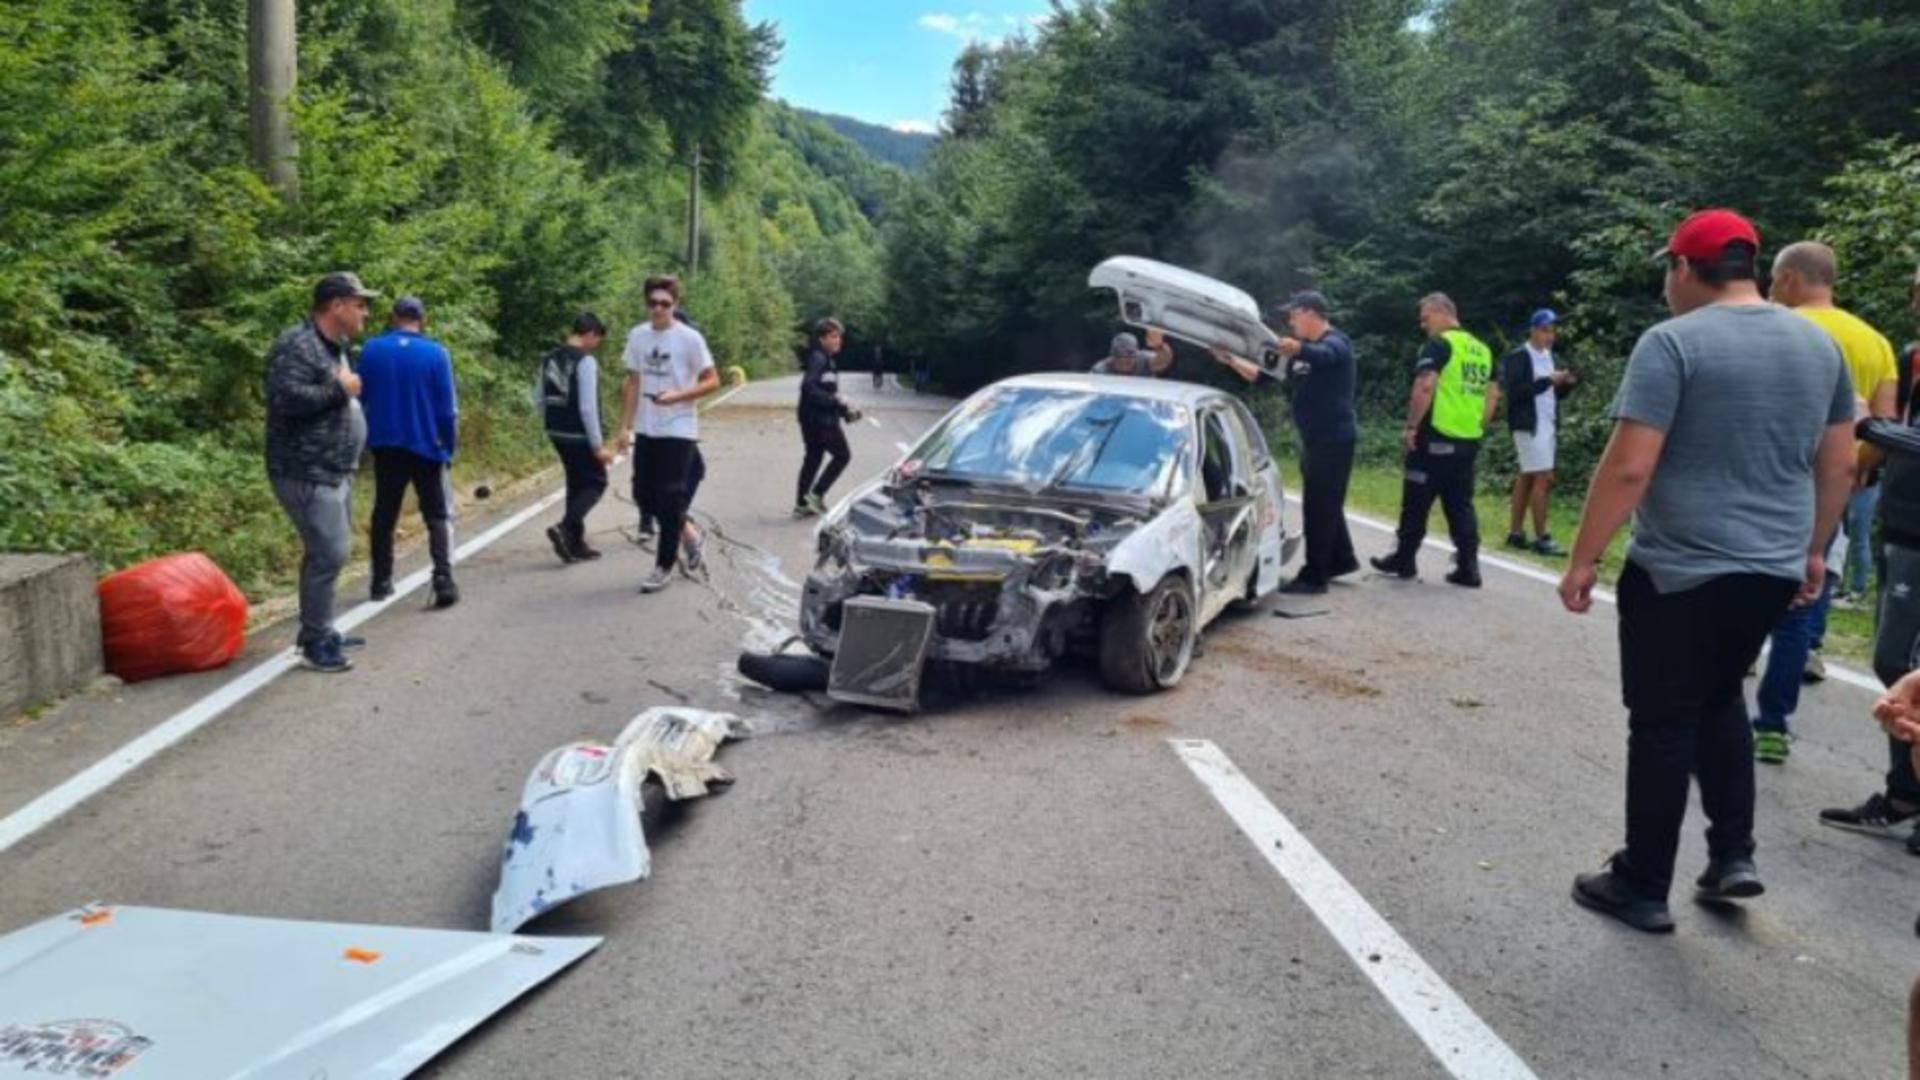 Mașina de raliu, în urma accidentului (foto: Ziarul din Muscel)